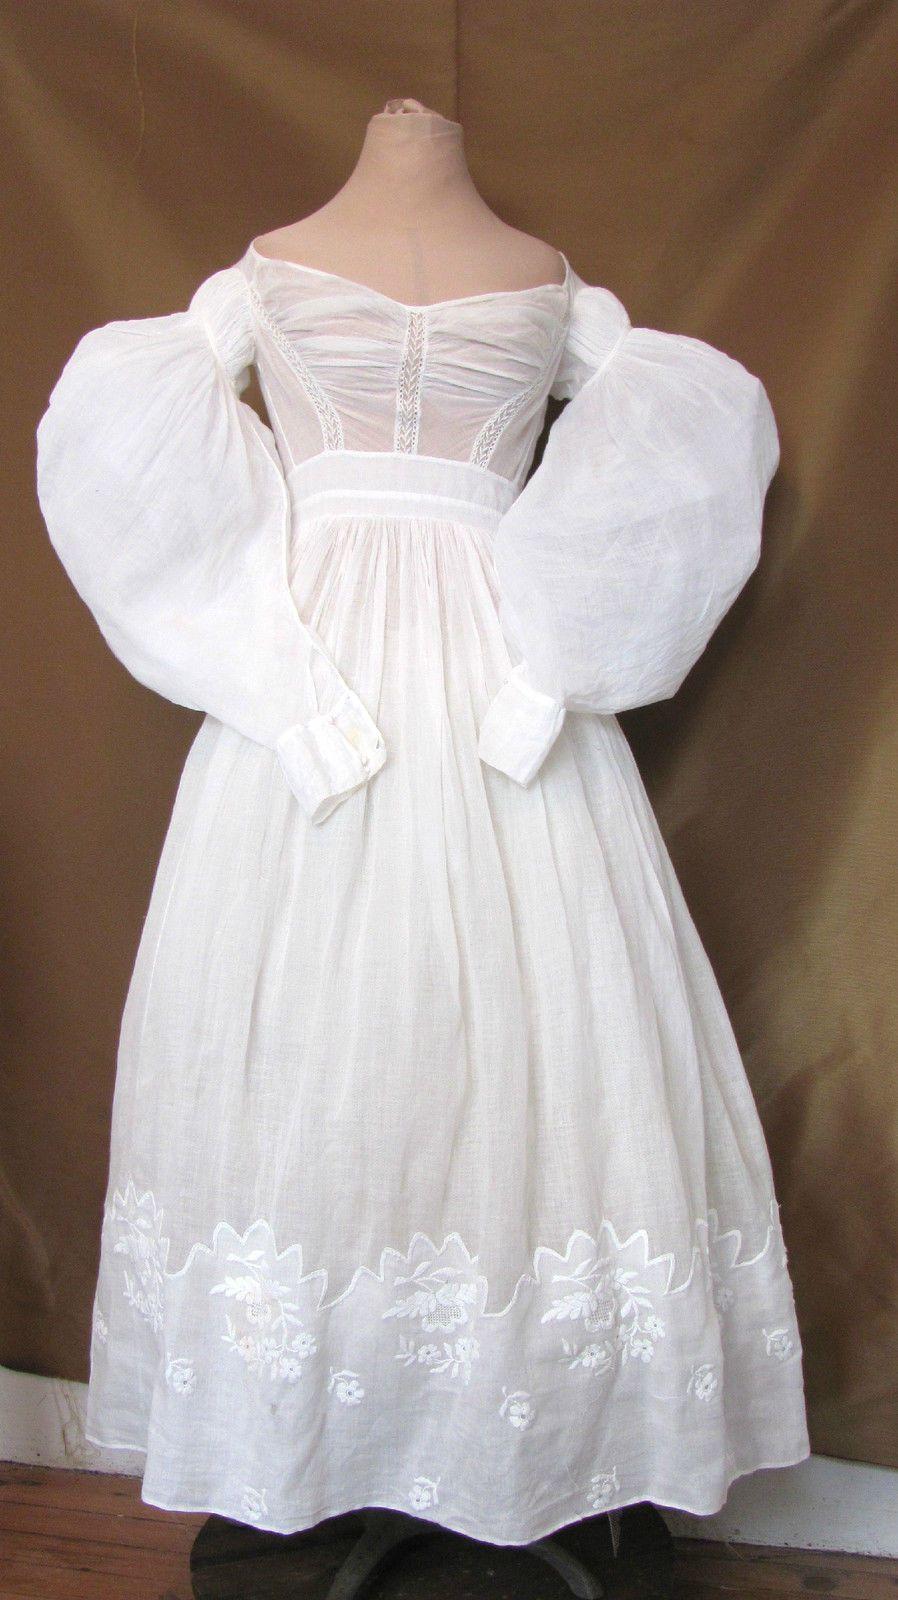 Wedding dress patterns free  Pin by Corina van der Linden on  COTTONWOOL  Pinterest